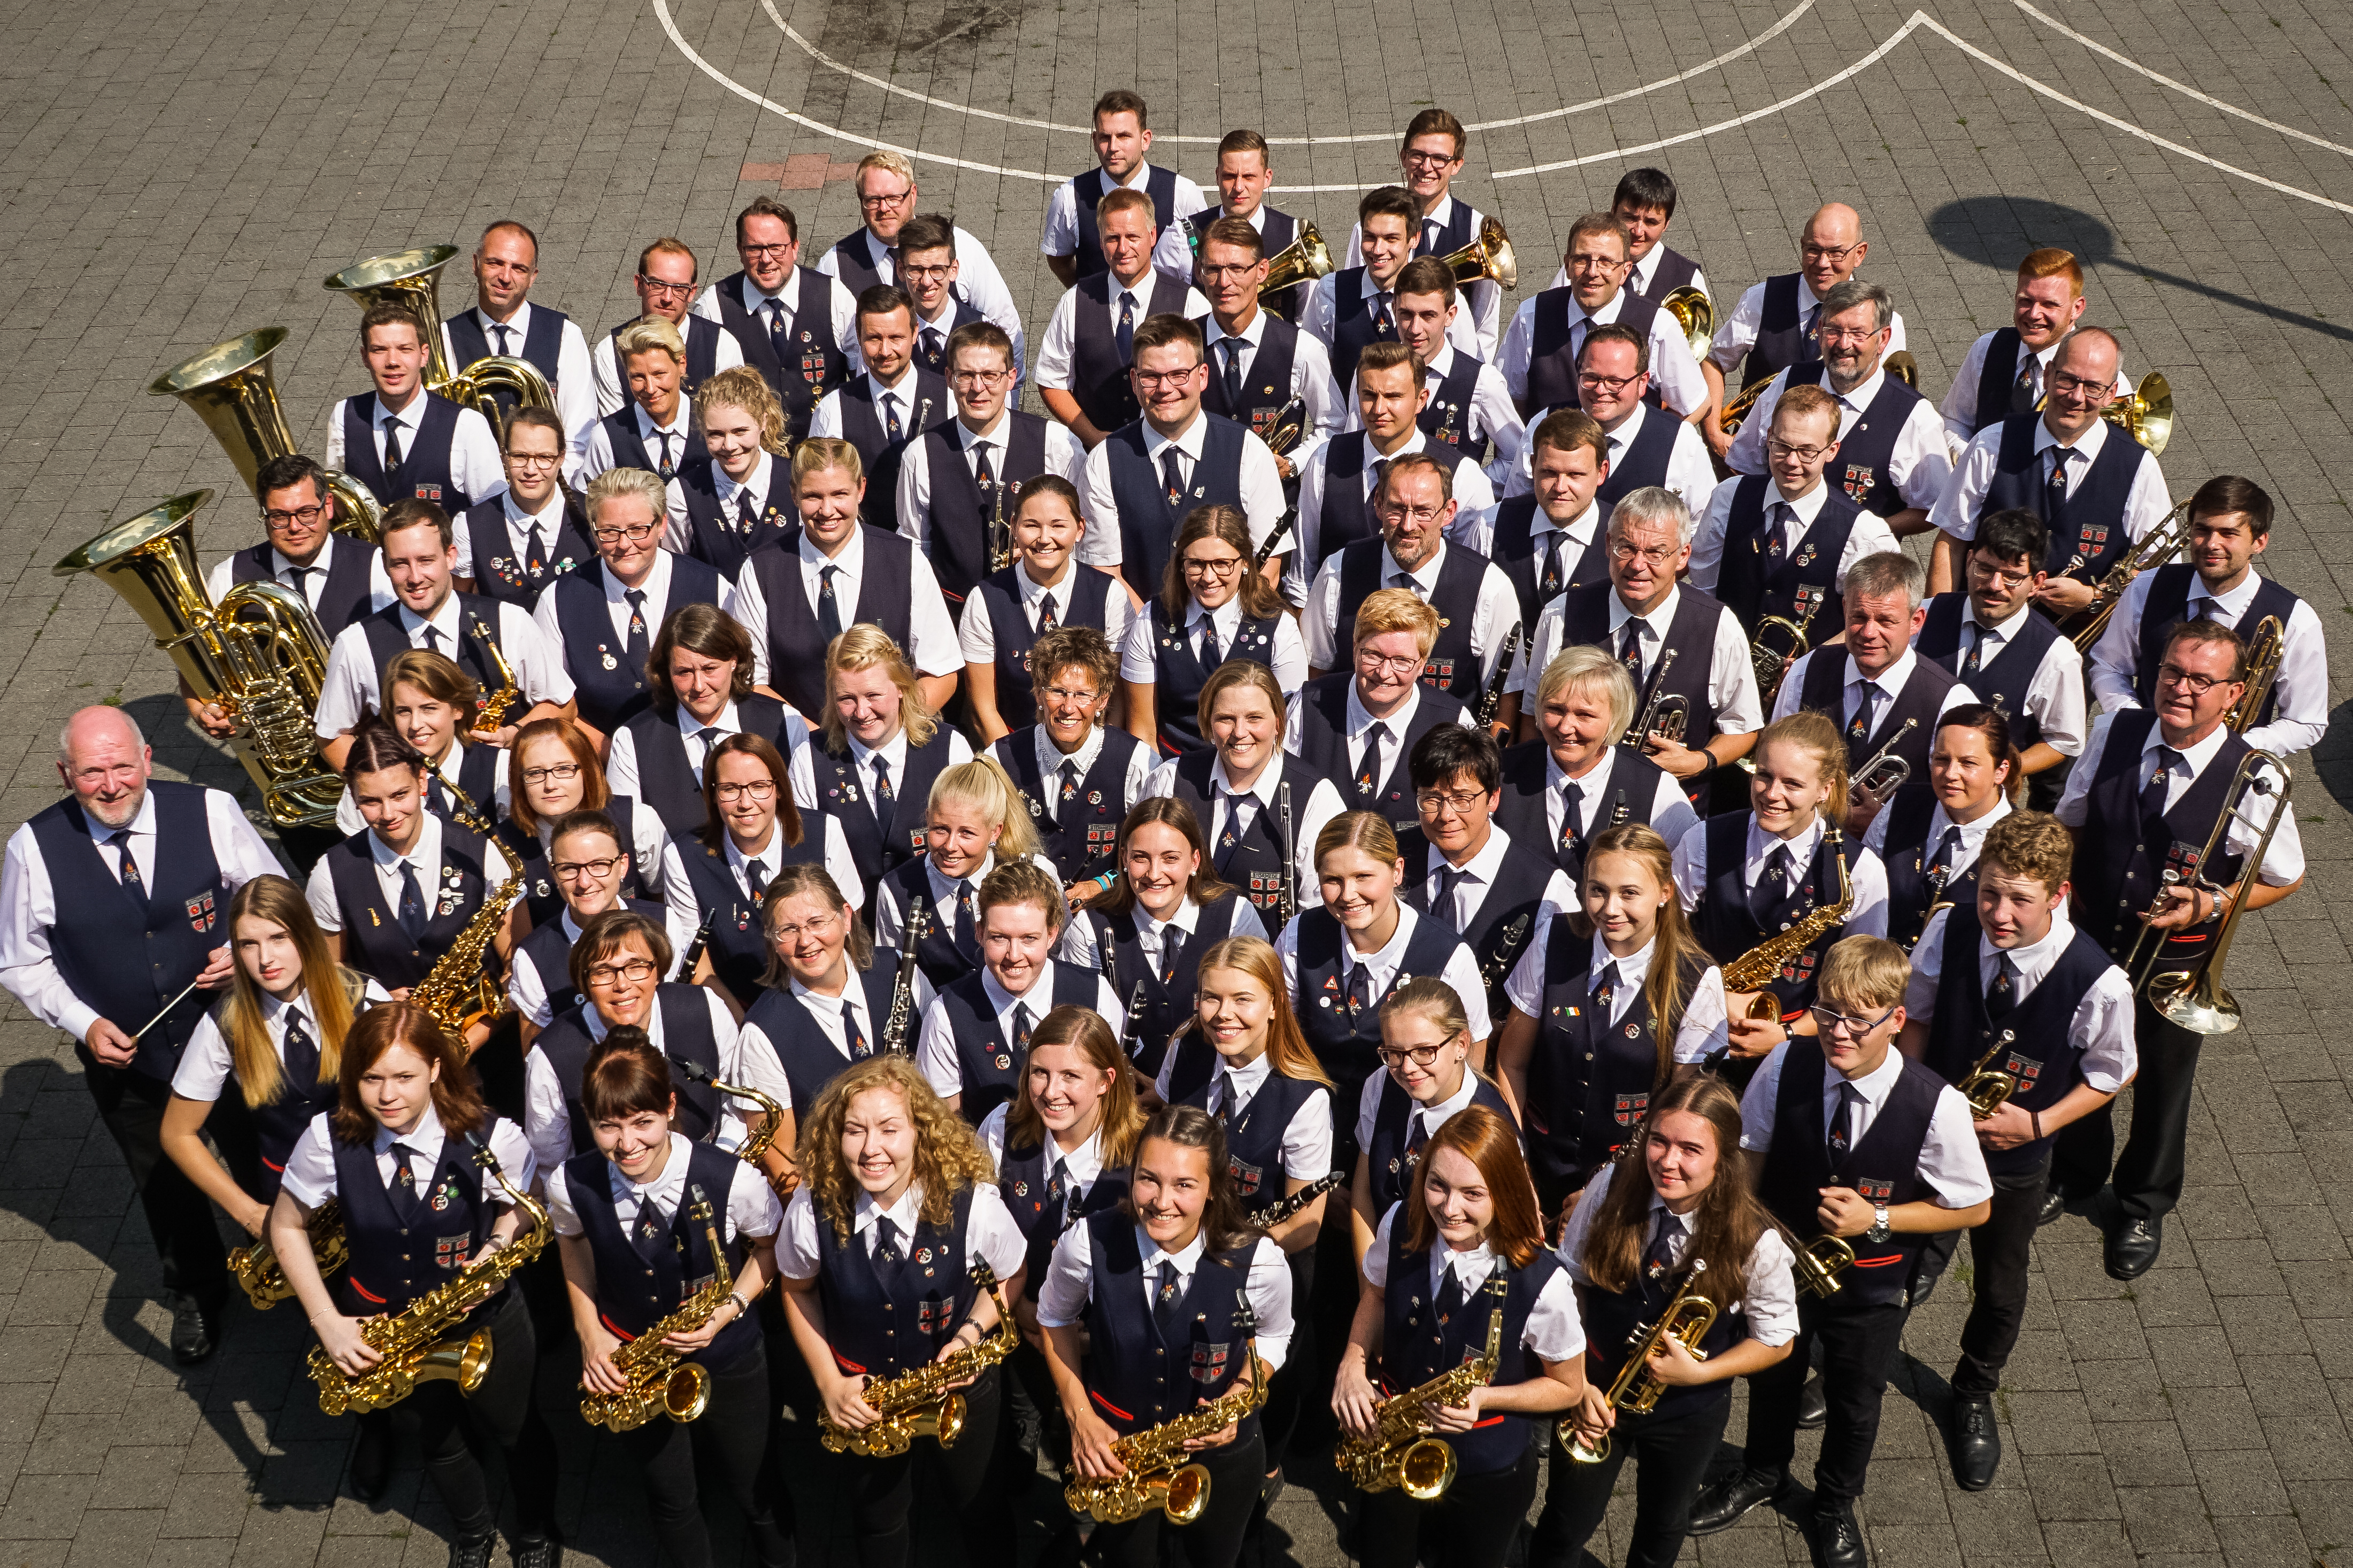 Musikzug Störmede Gemeinschaftsfoto Kloster Nazareth 2011